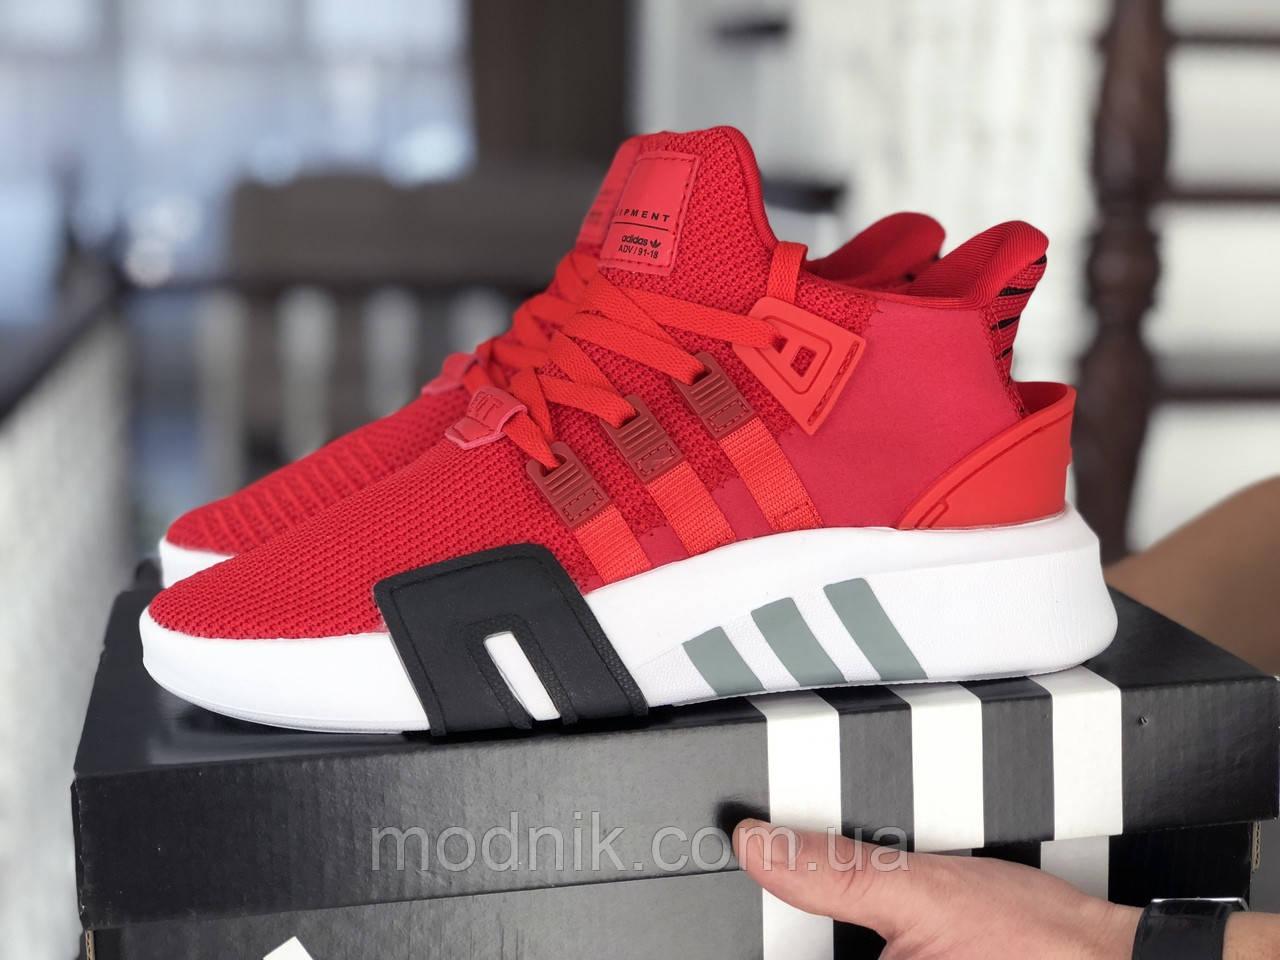 Мужские кроссовки Adidas Equipment adv 91-18 (красные)